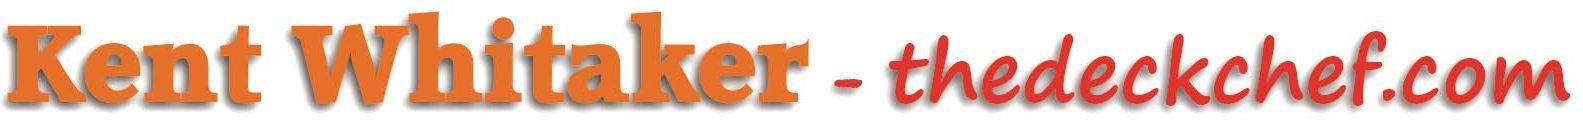 cropped-Kent-Whitaker-Logojpg-1.jpg